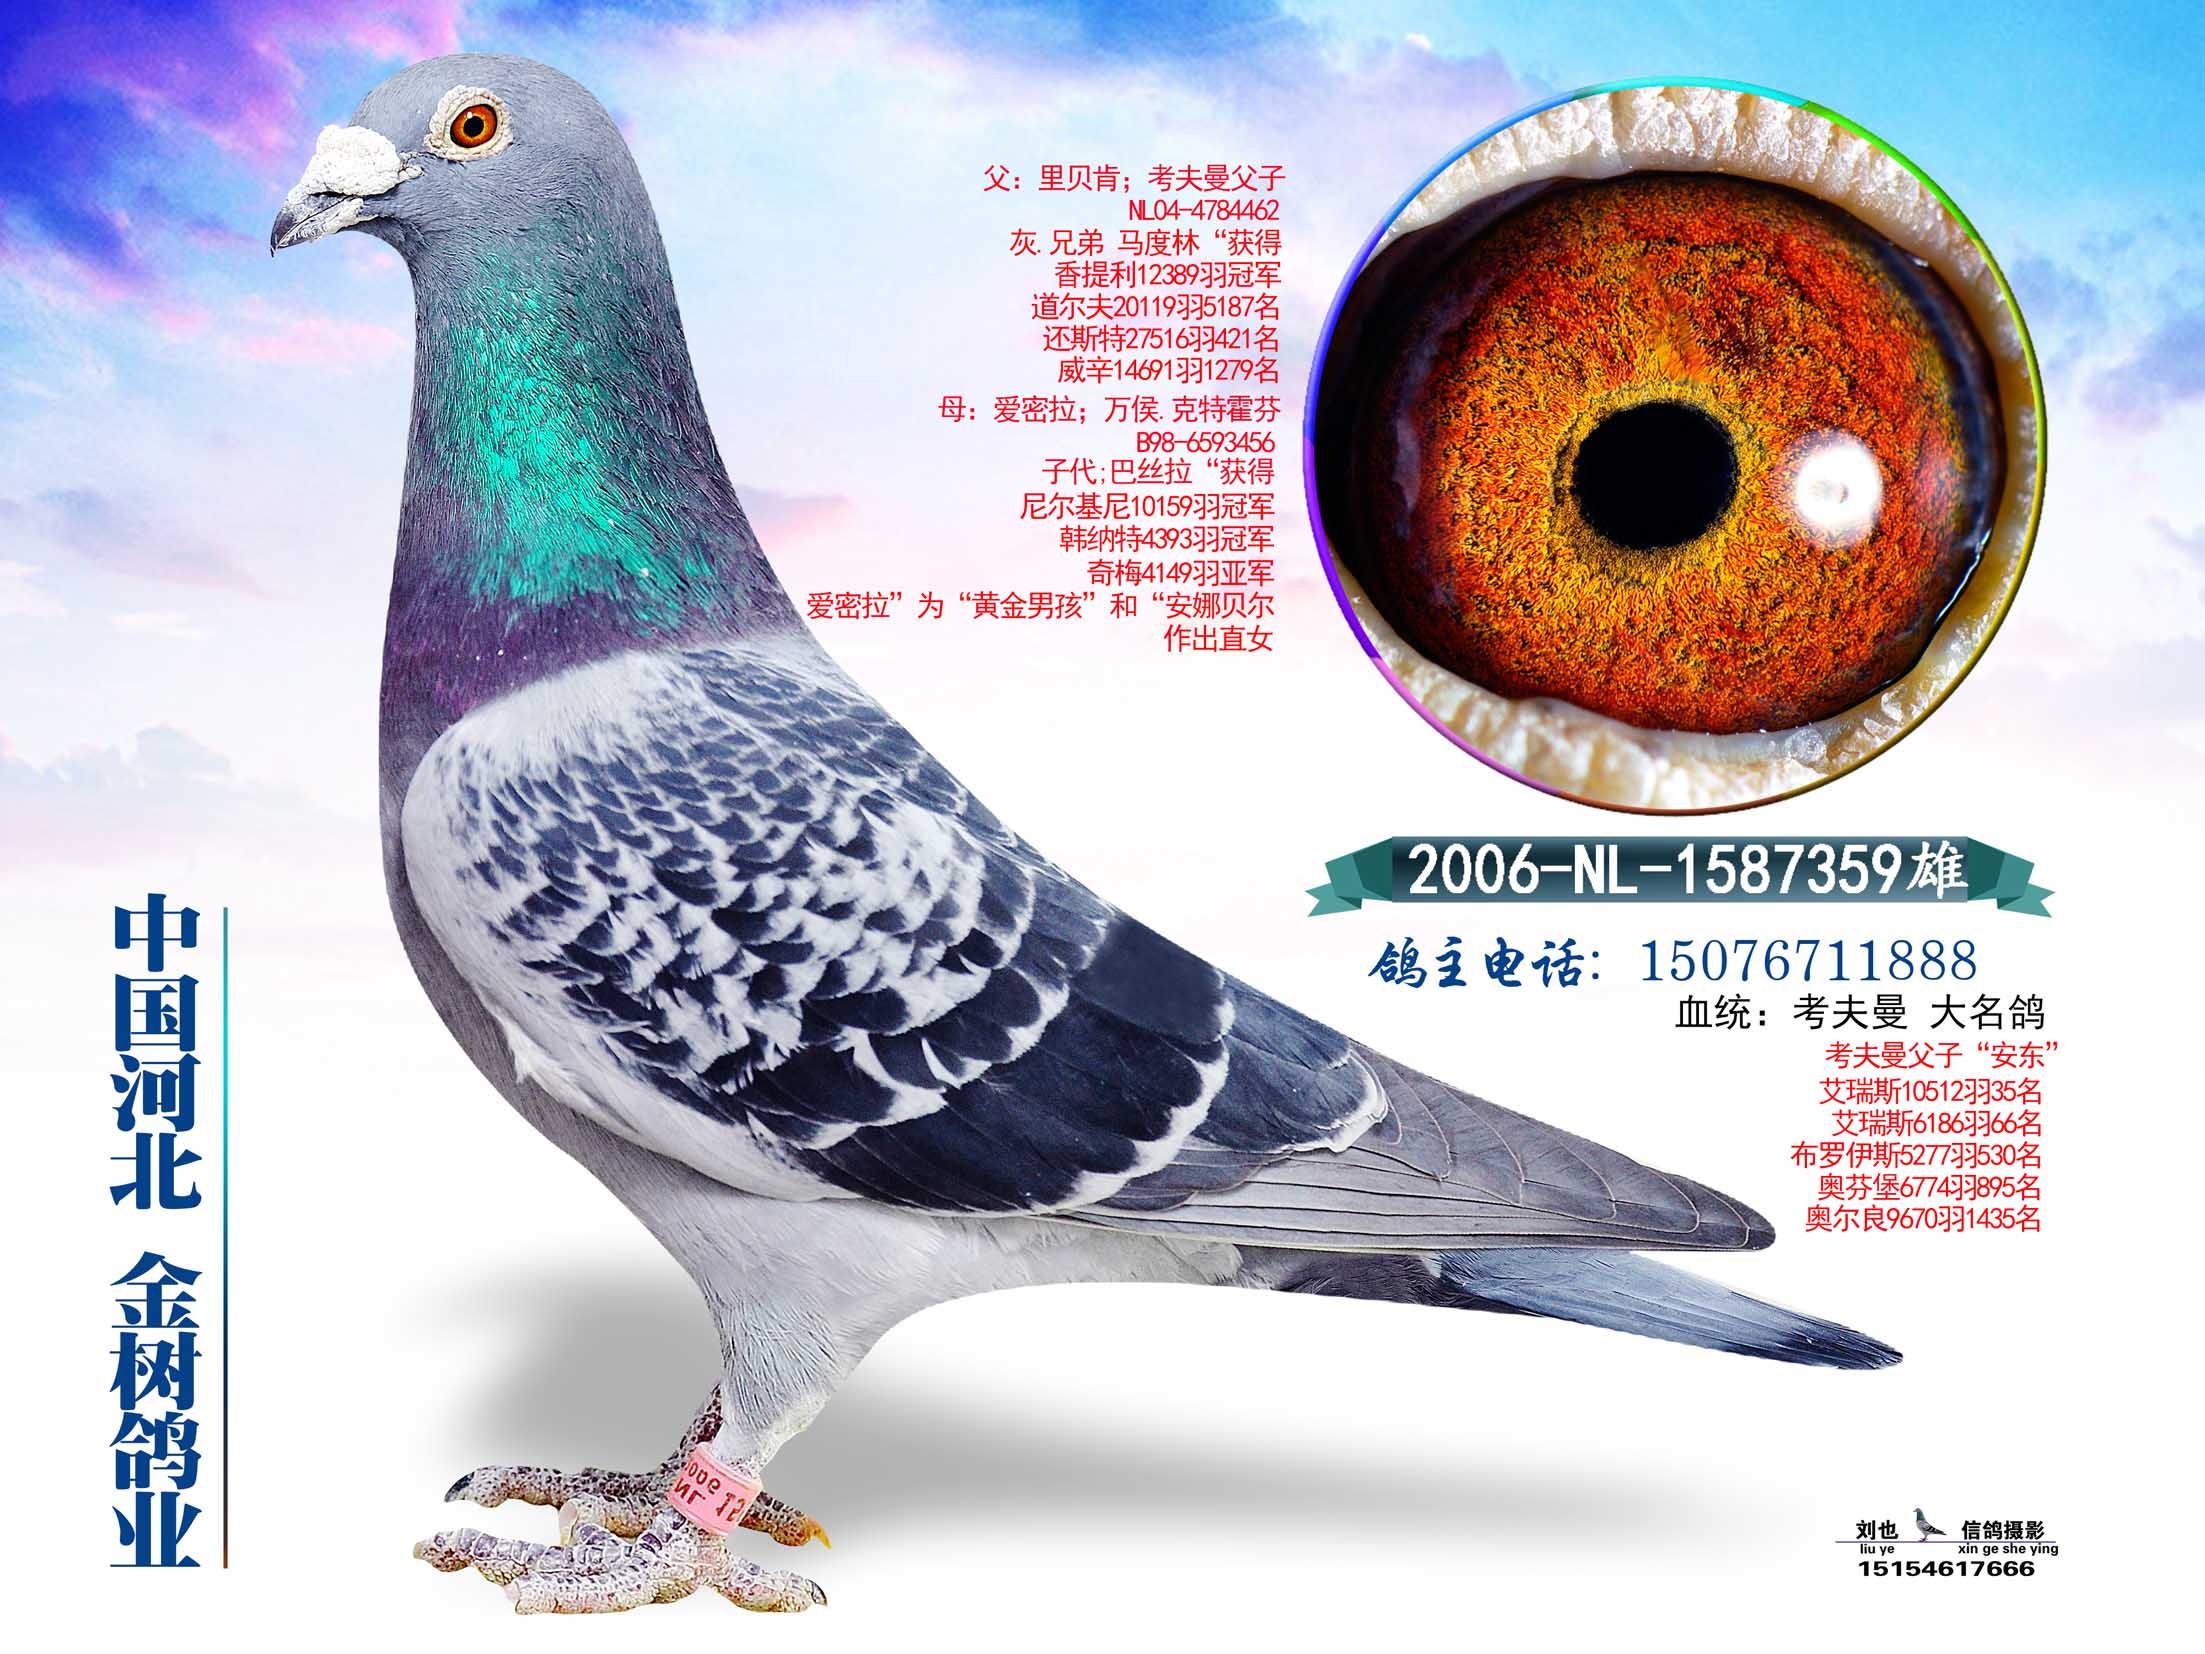 考夫曼大名鸽'爱蜜拉'直子